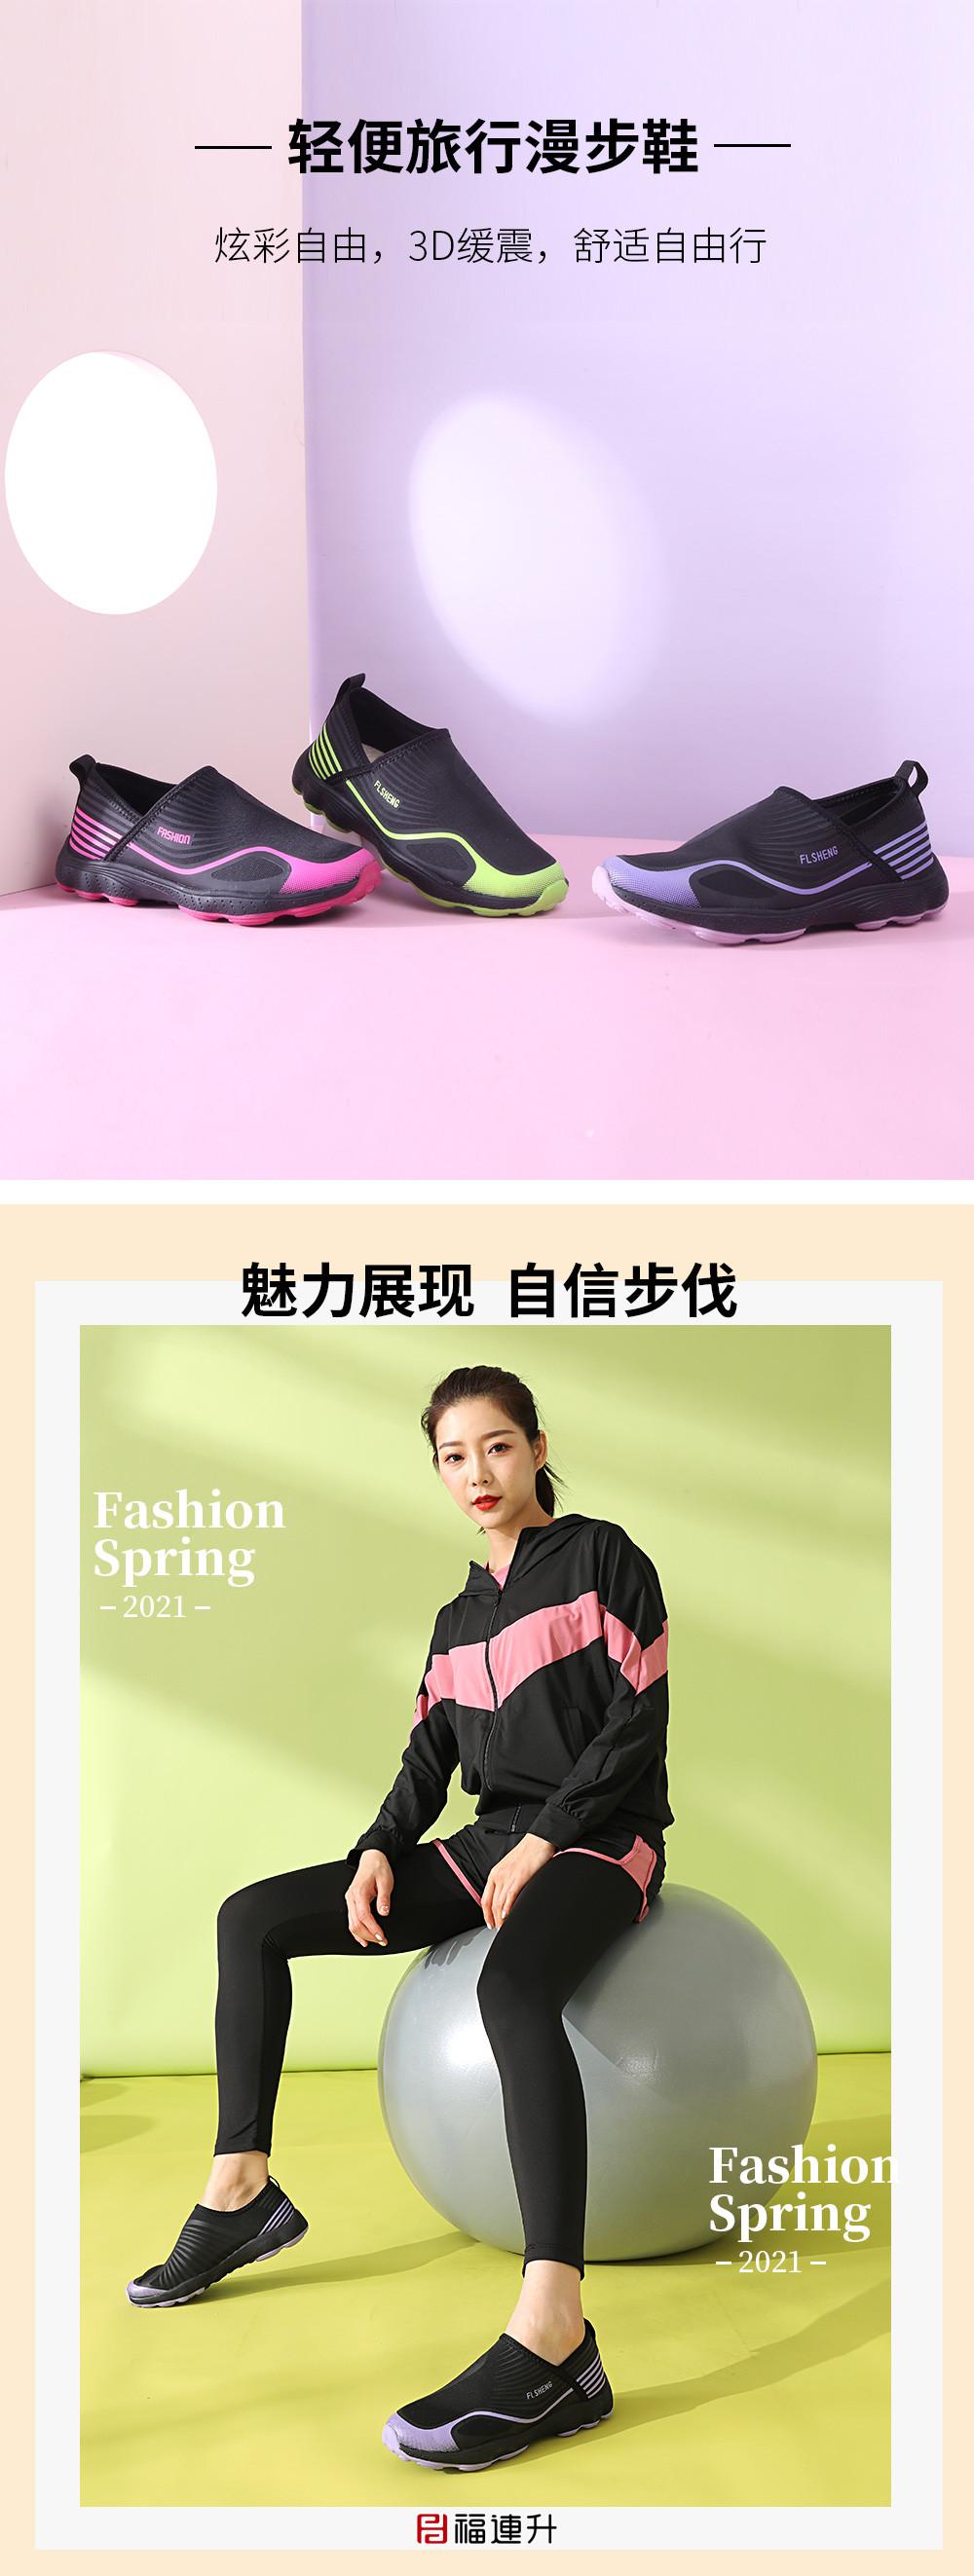 福连升防滑情侣鞋平底鞋套脚休闲运动跑步旅行单鞋图片